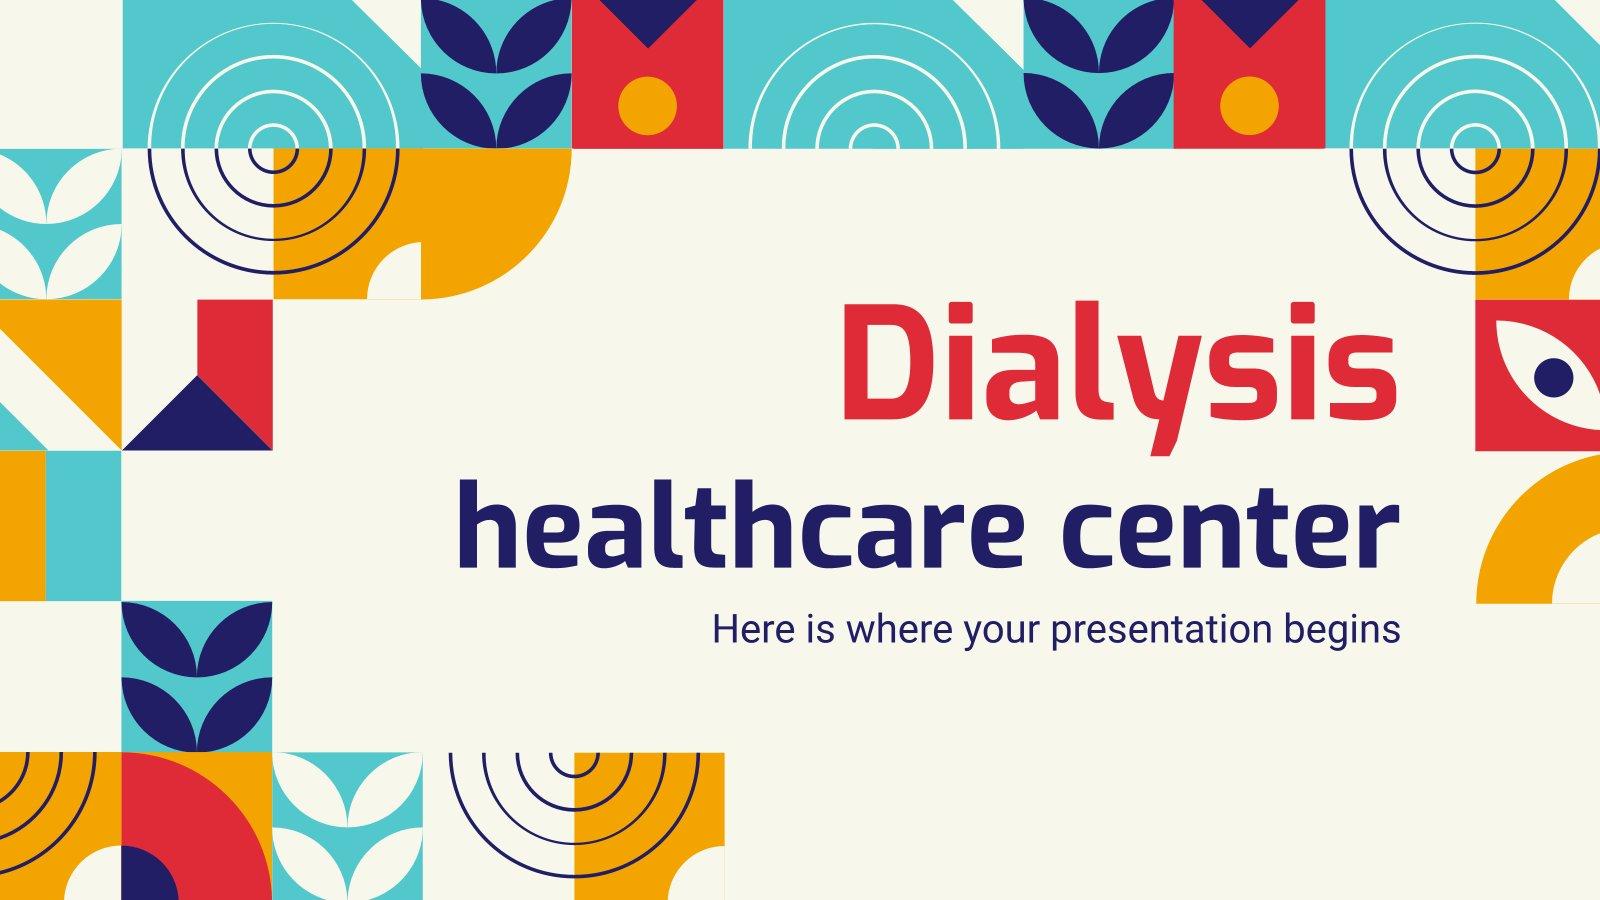 Centre de soins et dialyse : Modèles de présentation